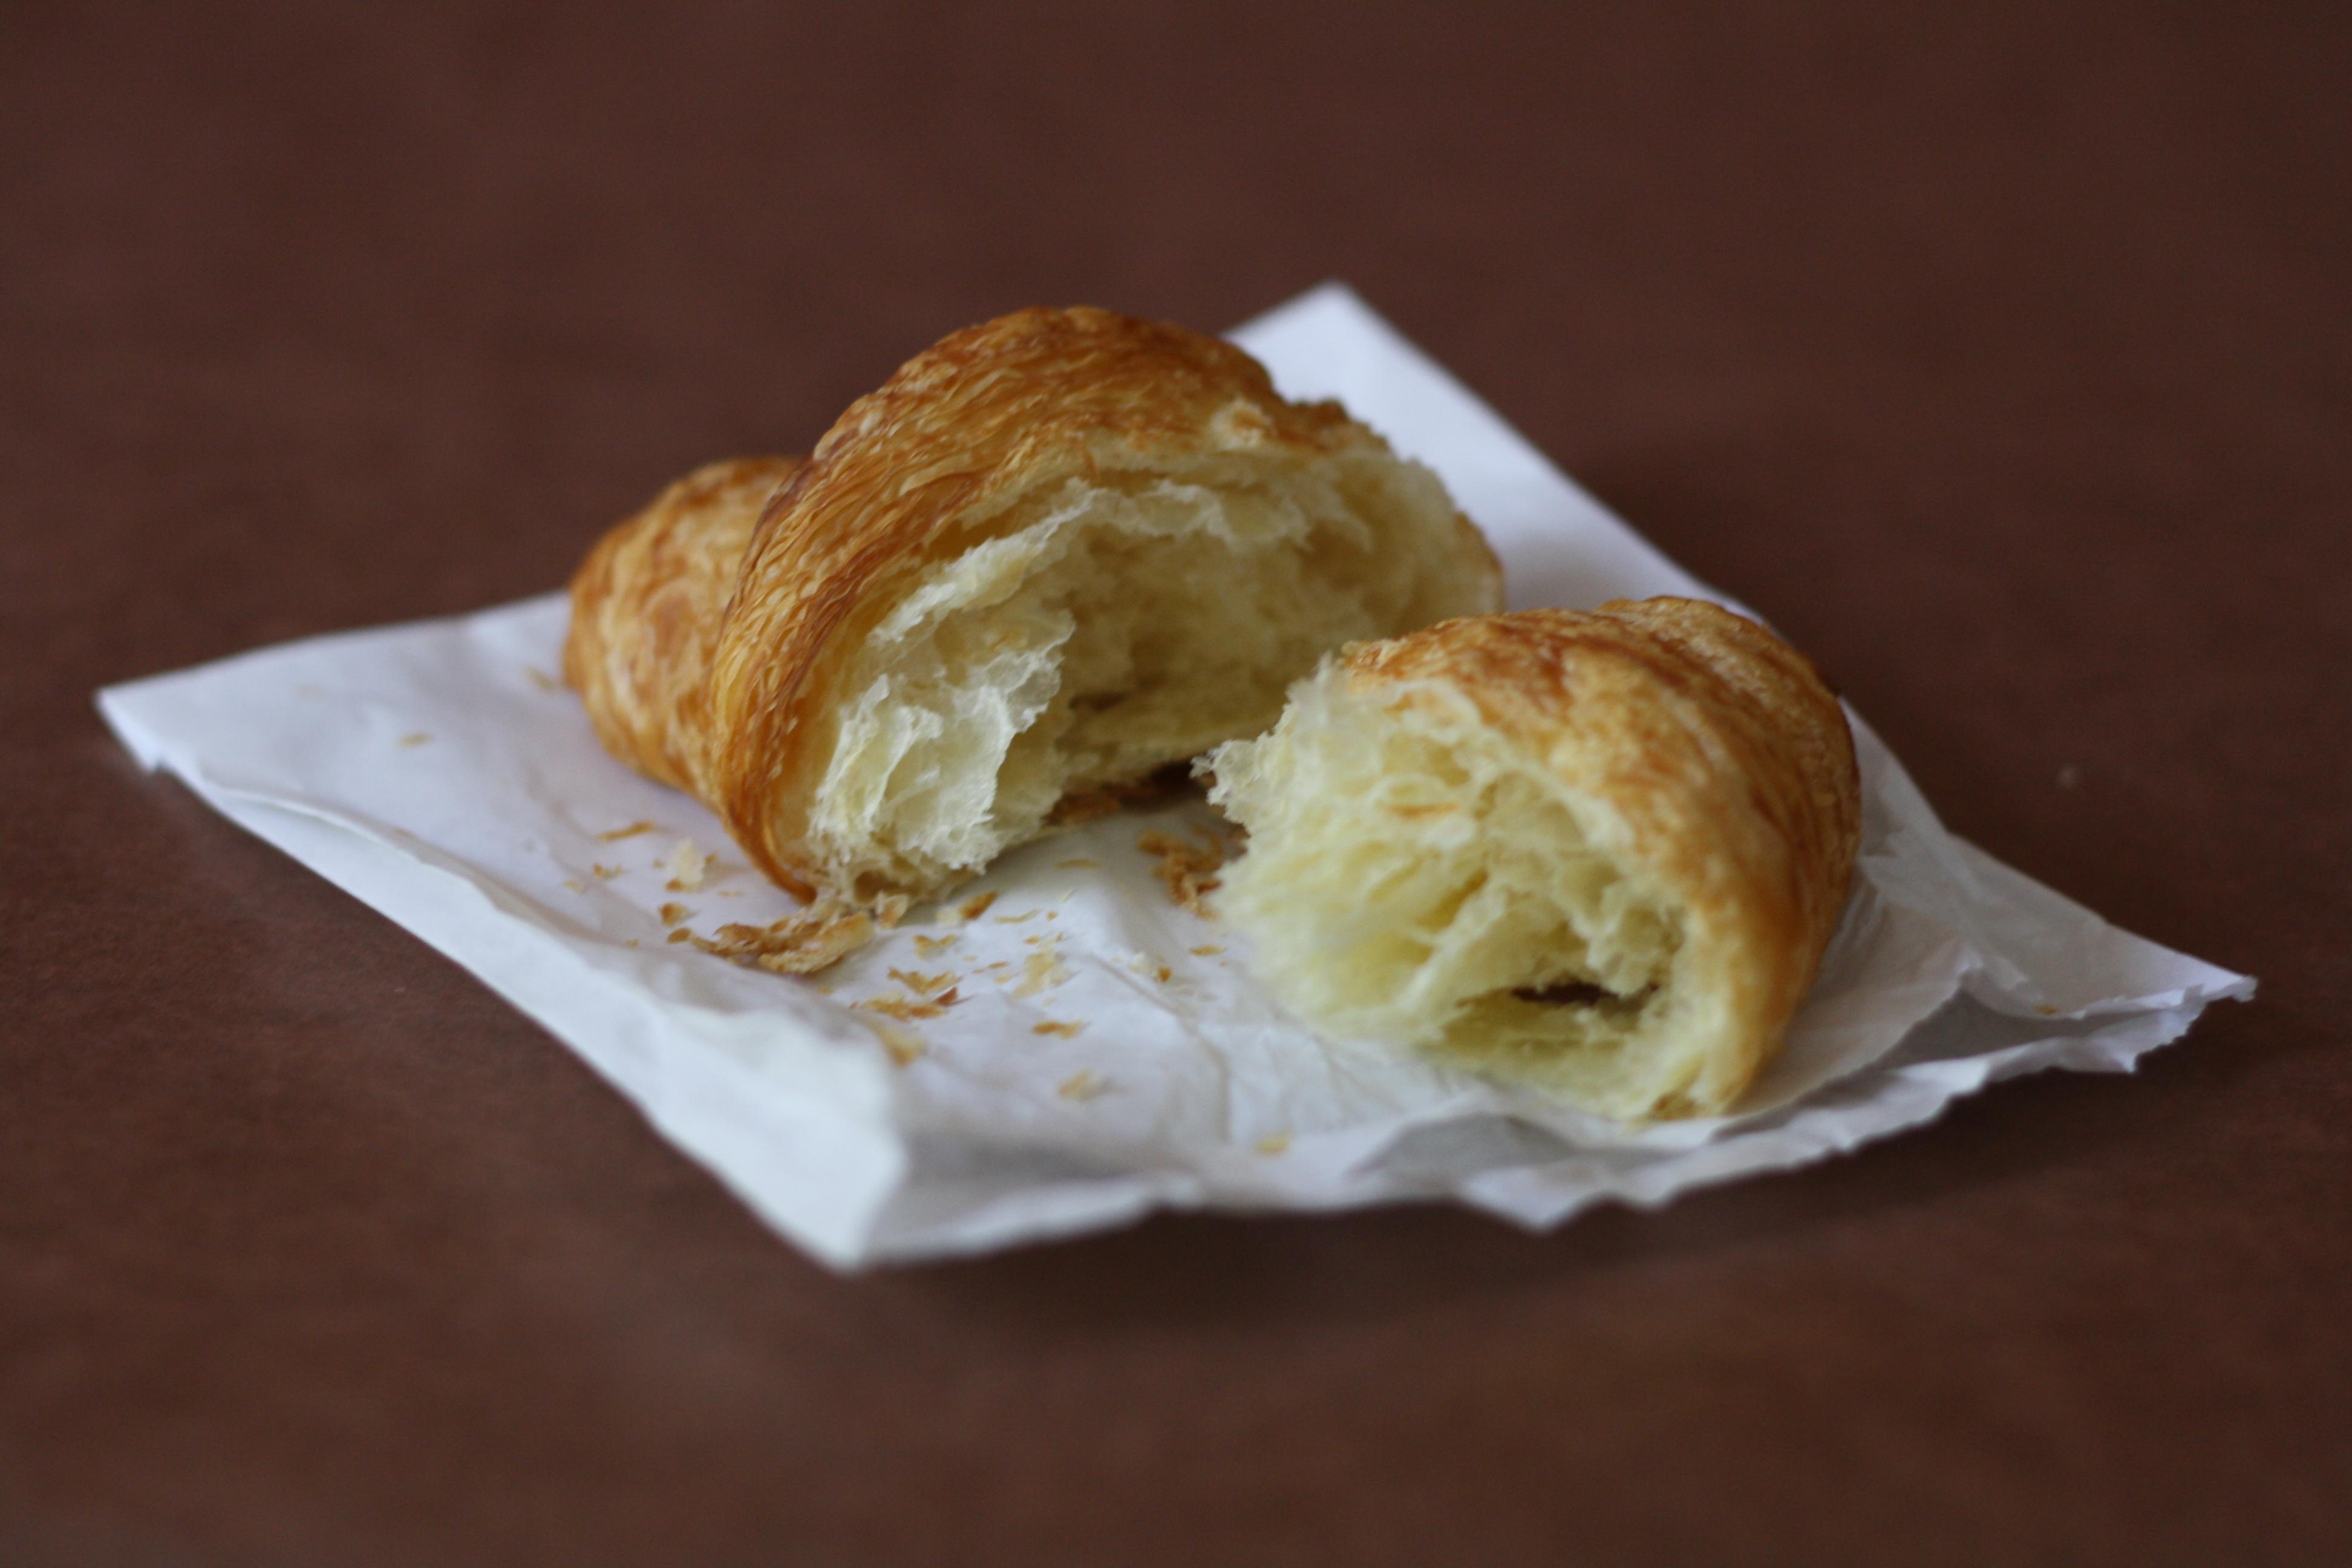 croissant, in half